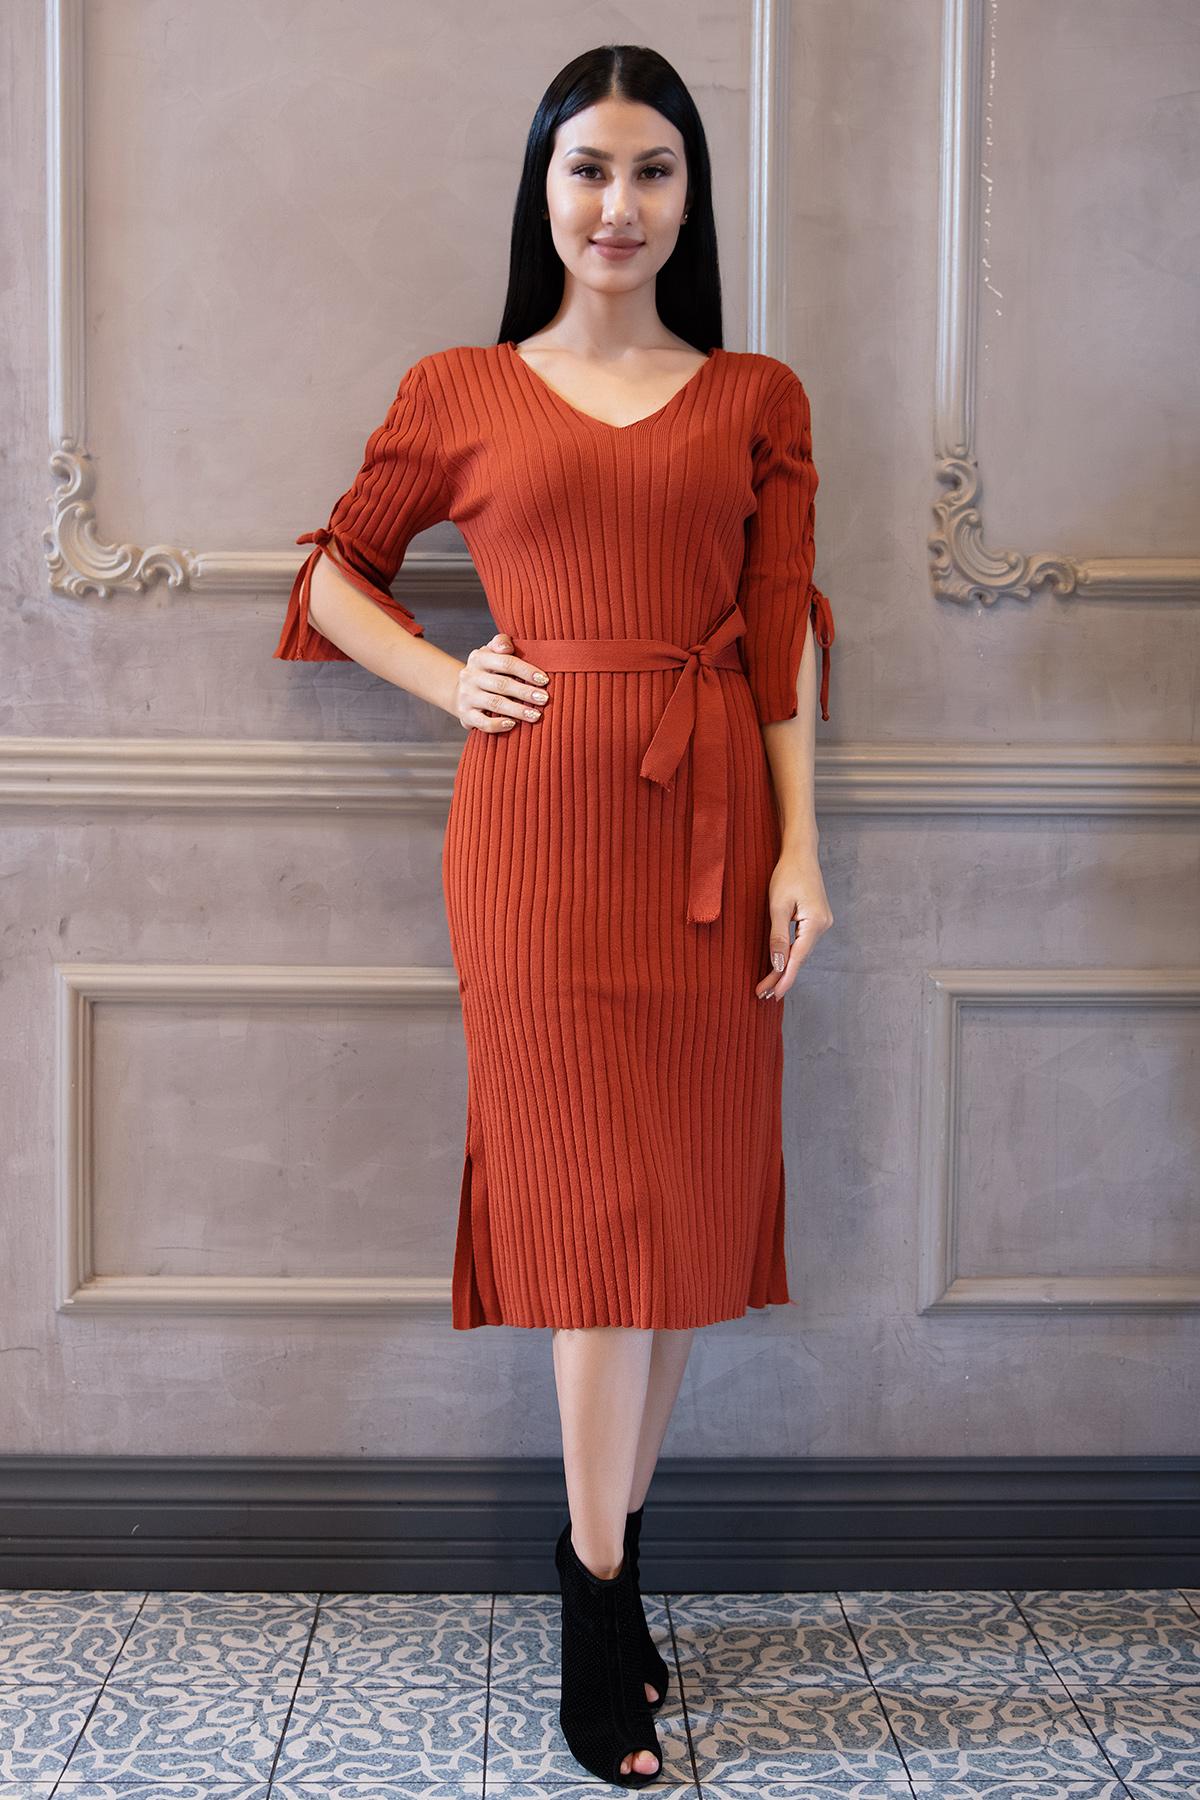 5104 Melissa Kol Bağcıklı Triko Elbise-19K54004H09